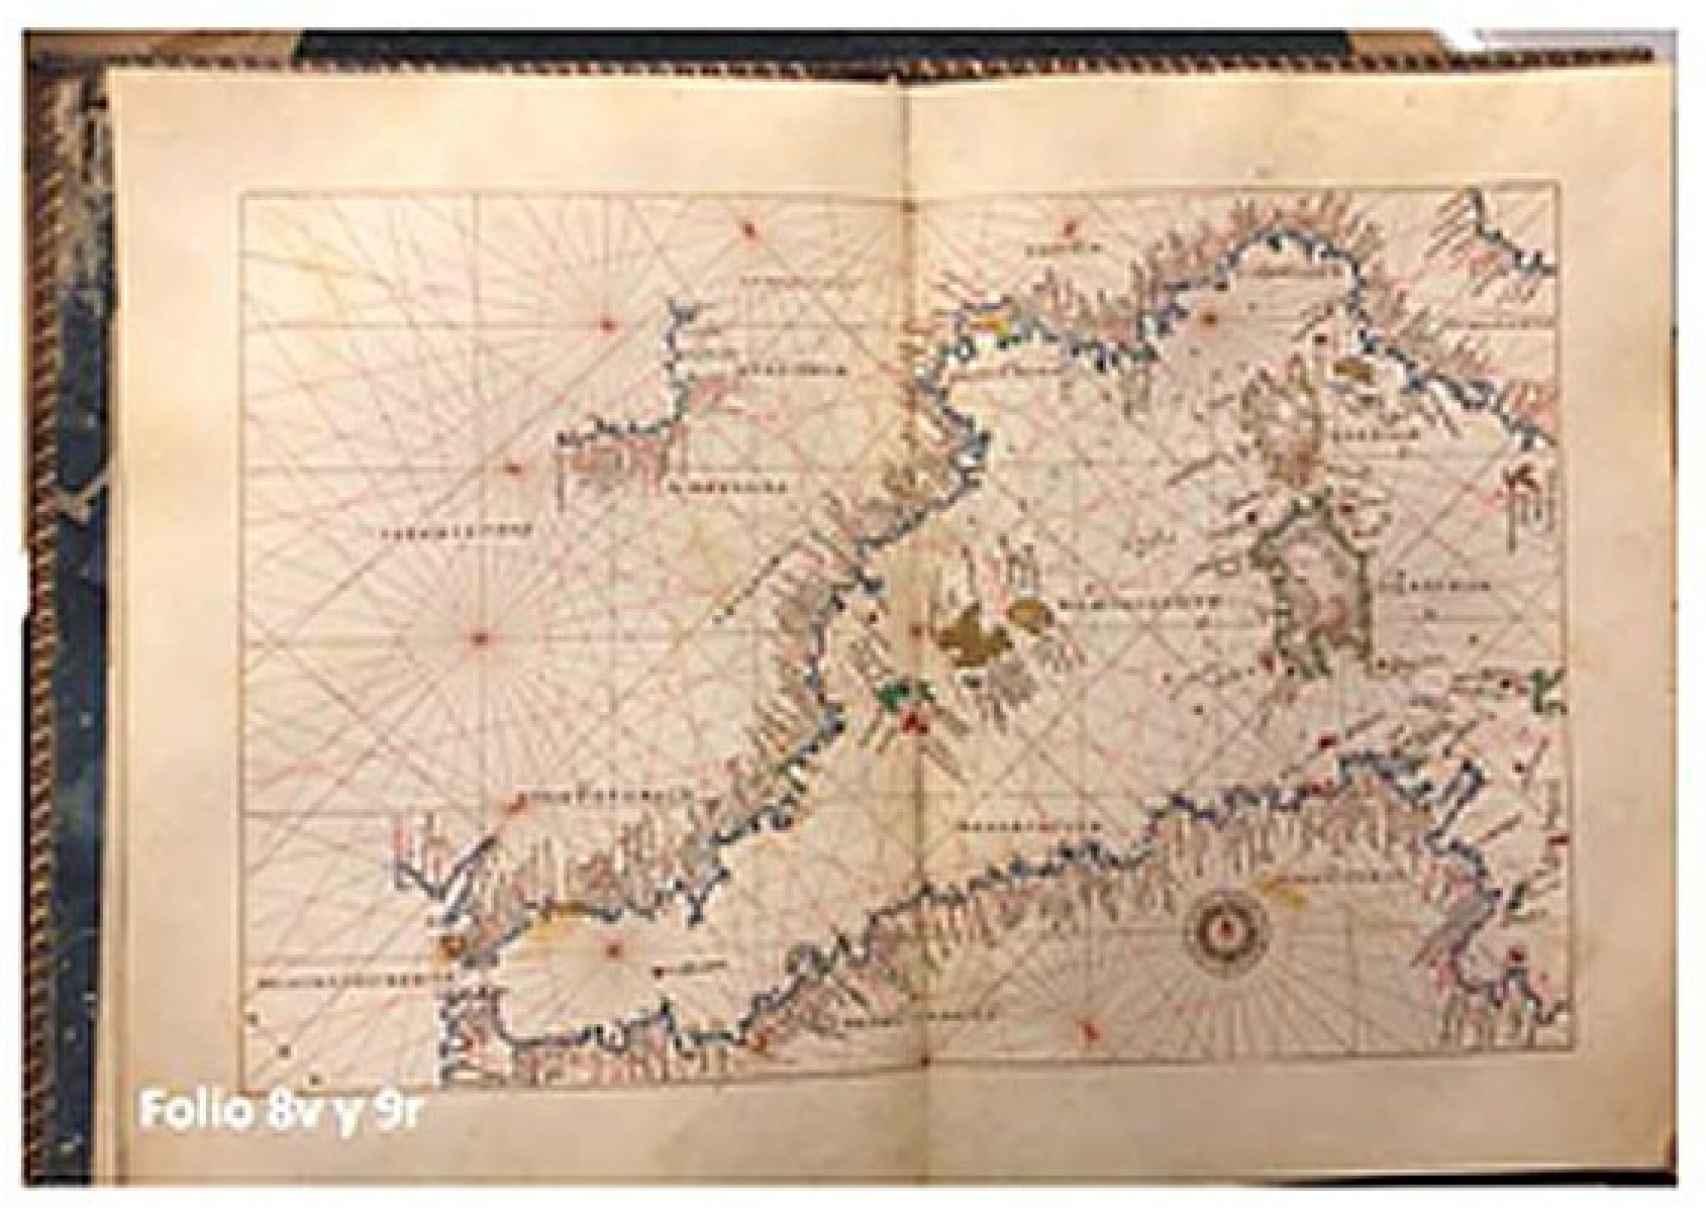 Detalle del atlas recuperado por la policía.